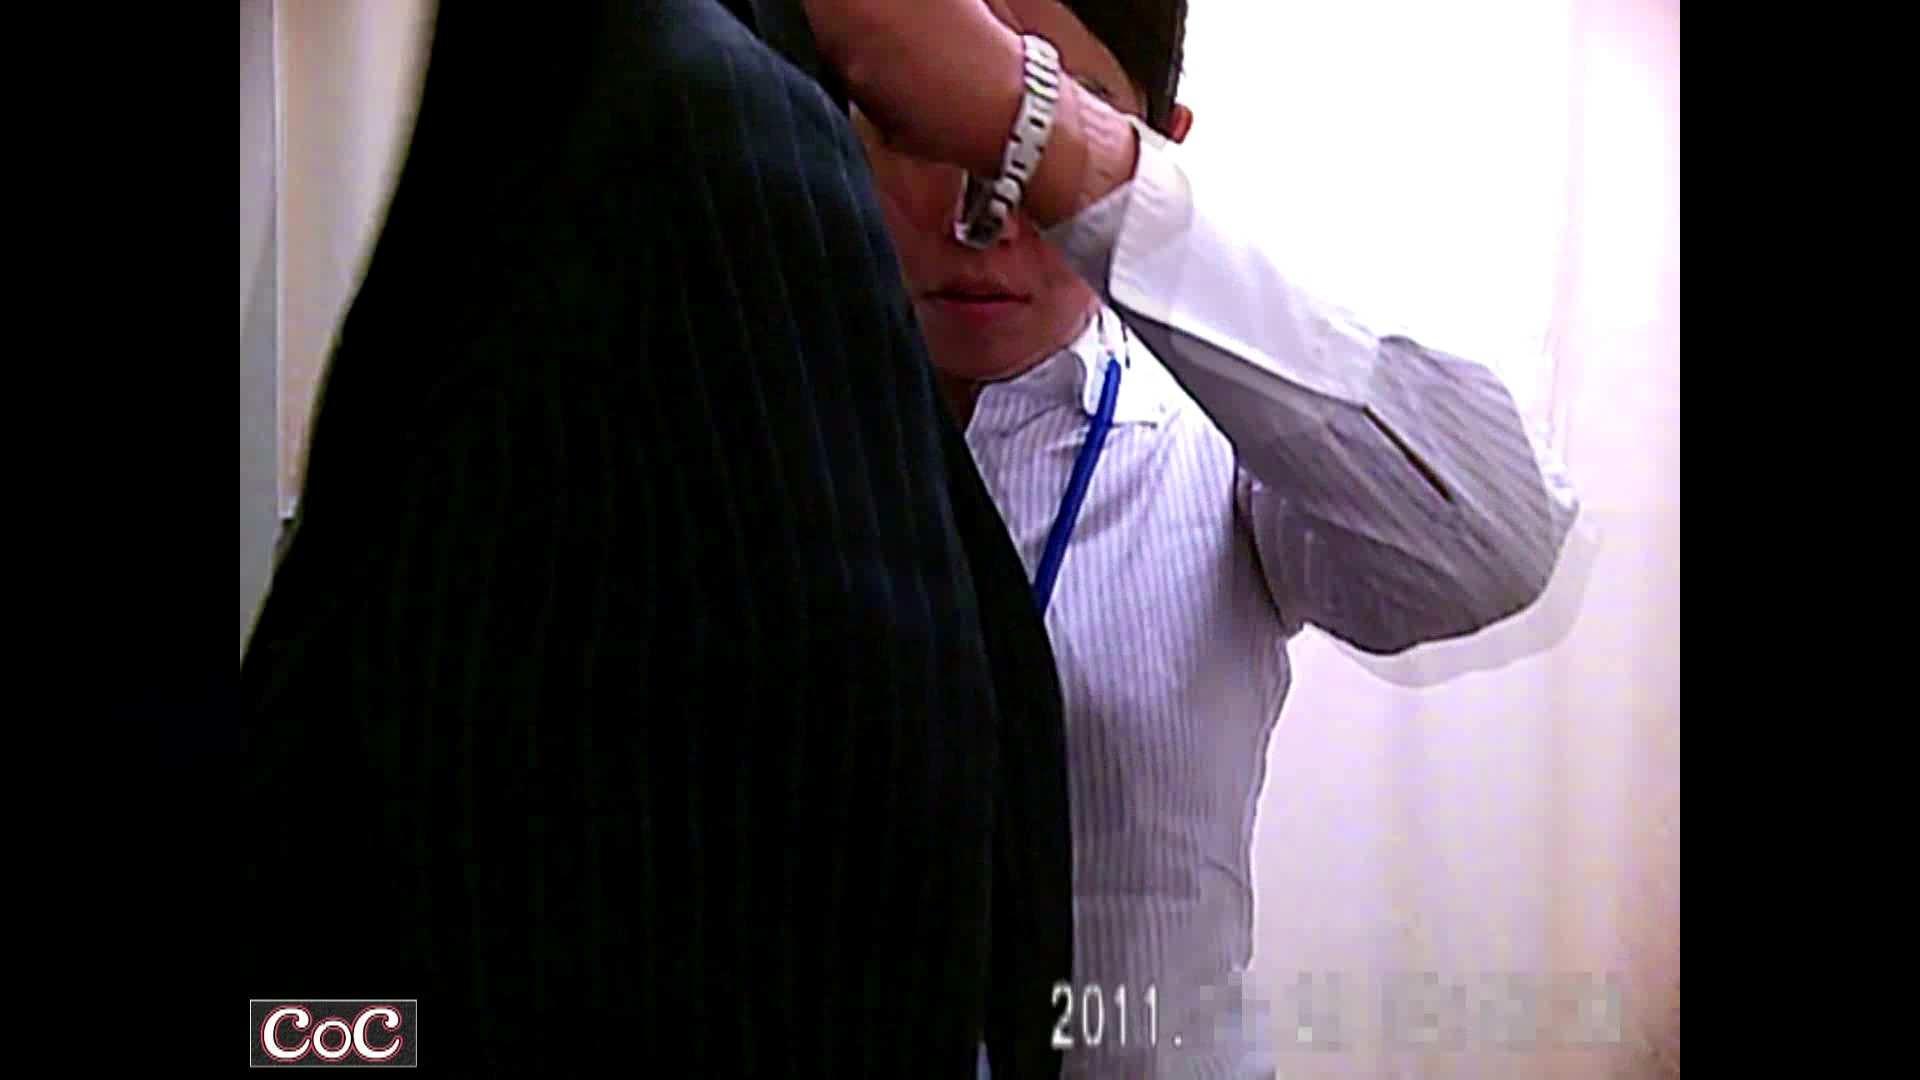 病院おもいっきり着替え! vol.105 盗撮 エロ画像 55画像 51